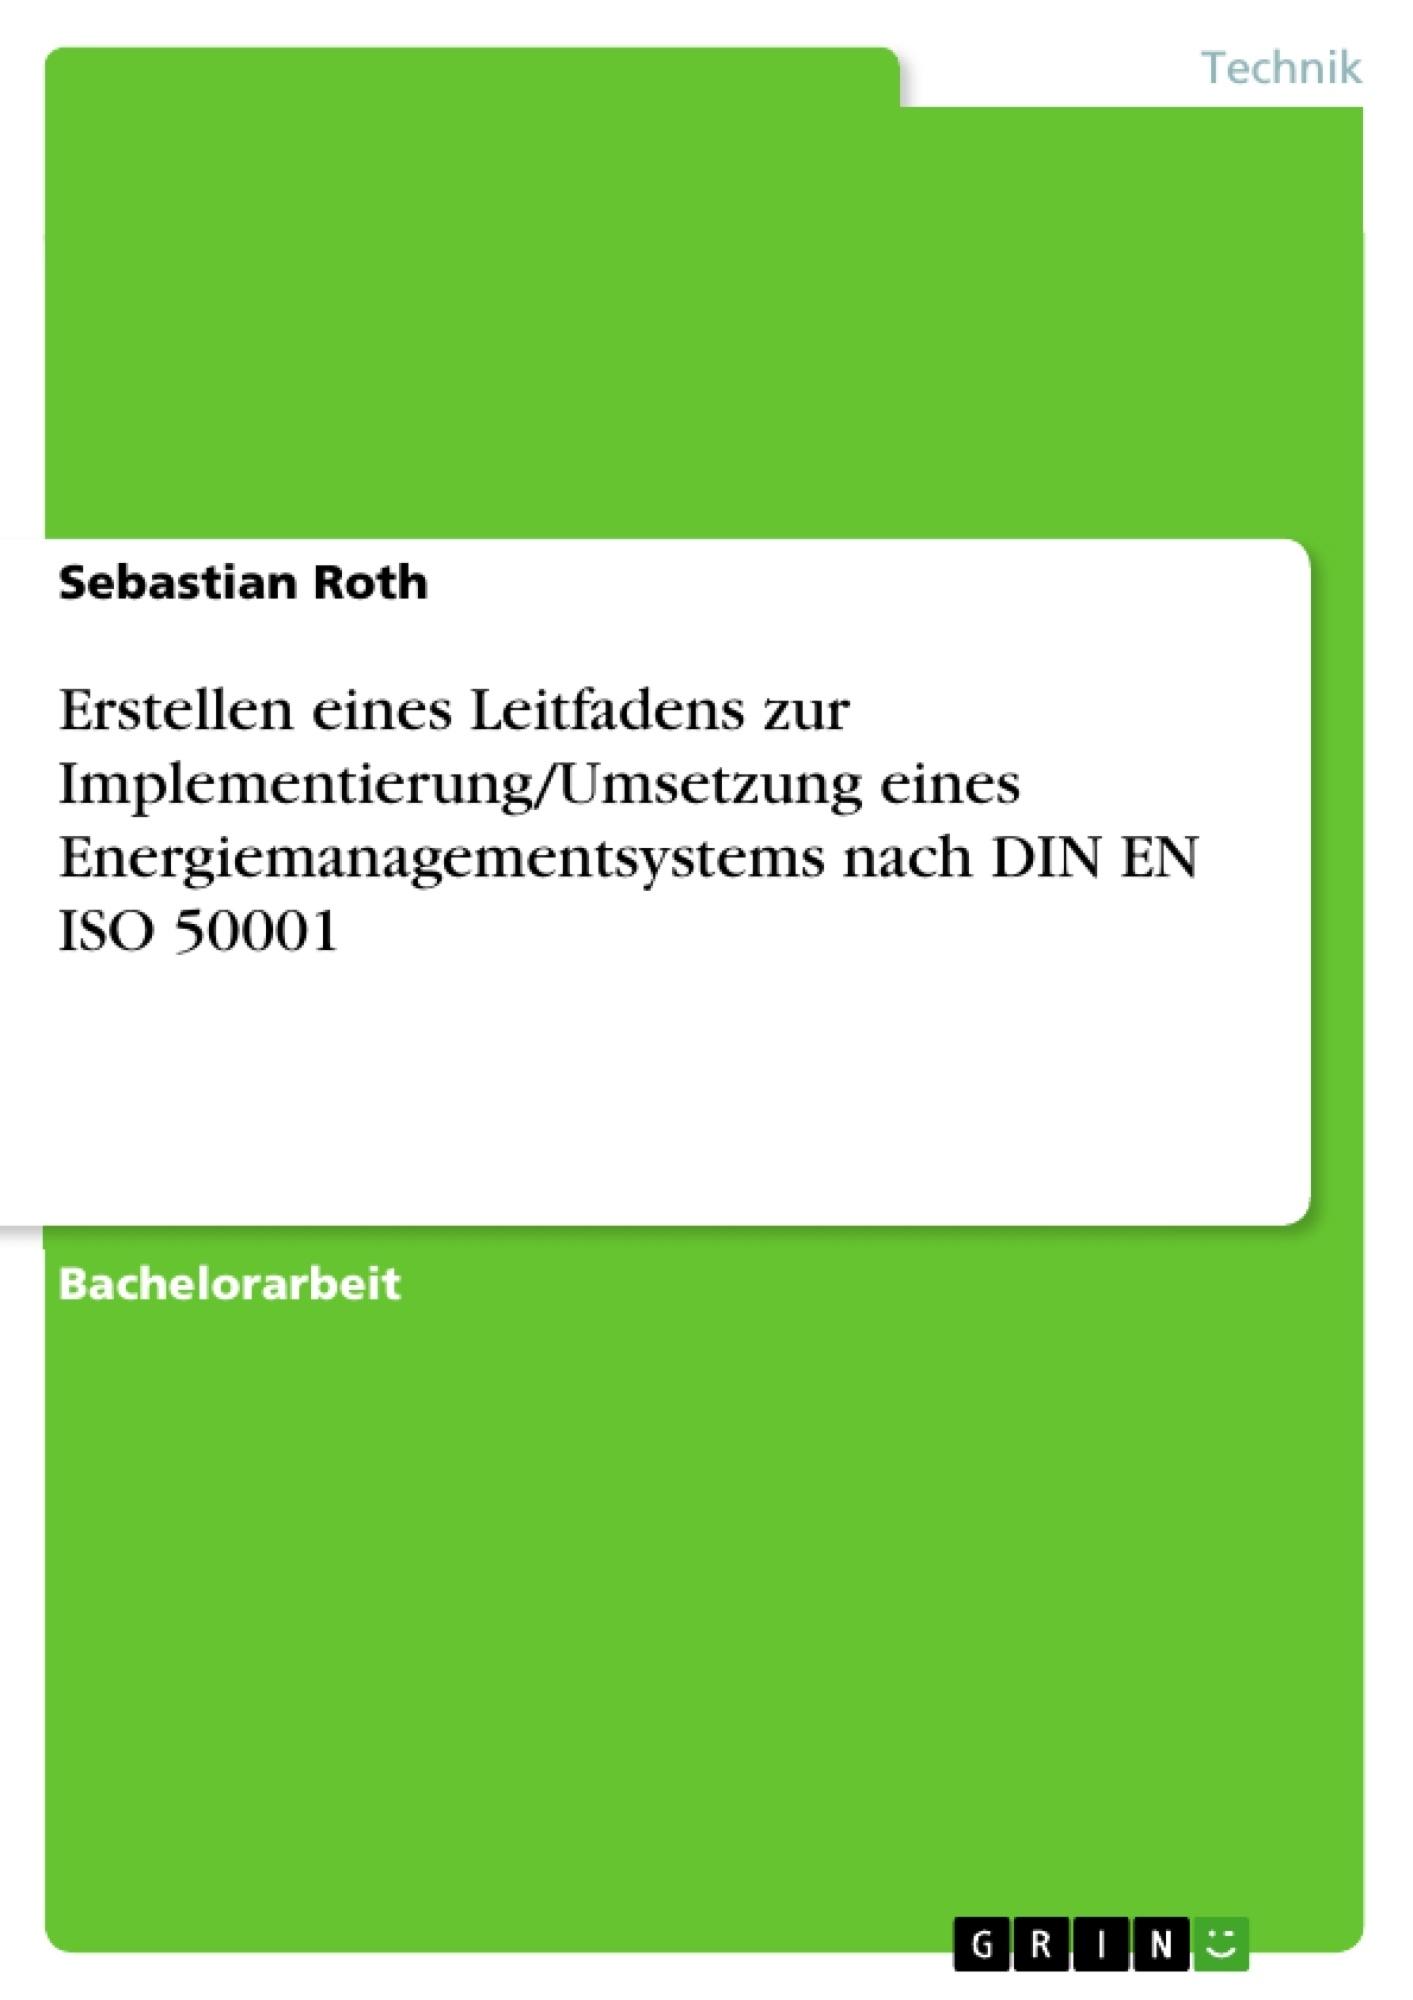 Titel: Erstellen eines Leitfadens zur Implementierung/Umsetzung eines Energiemanagementsystems nach DIN EN ISO 50001